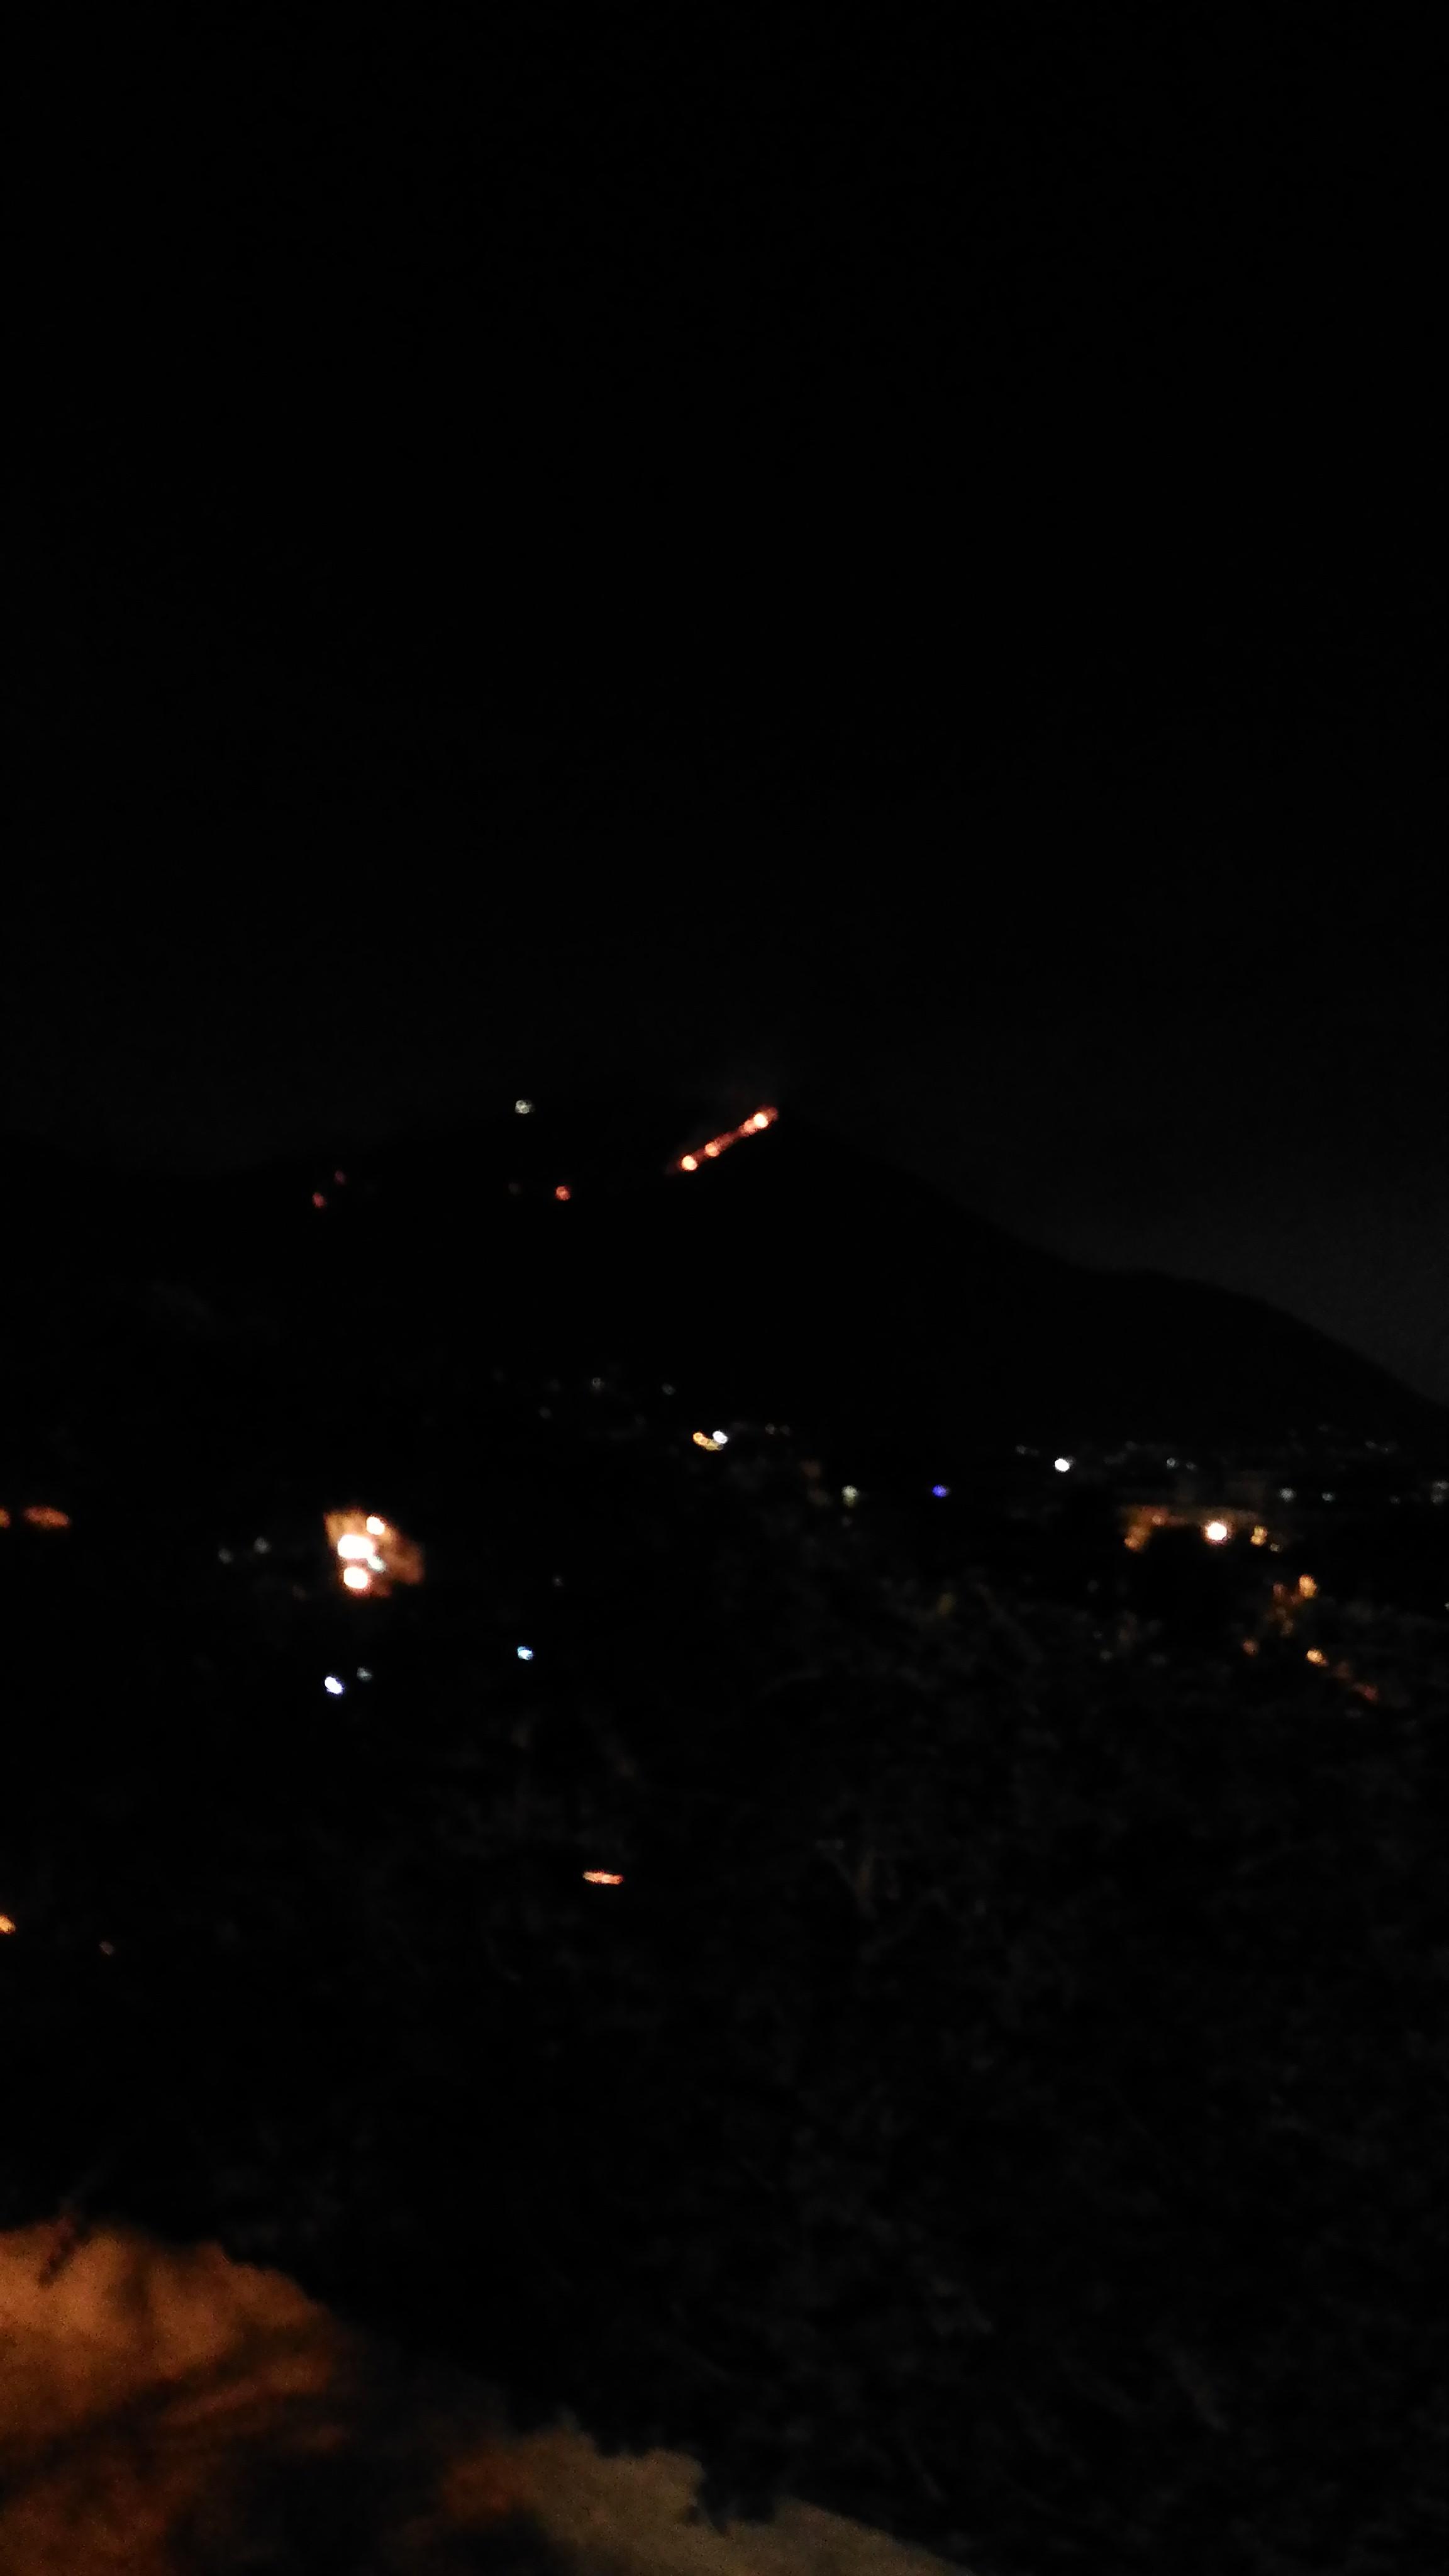 Incendi a Cava: situazione critica ed ordine di evacuazione